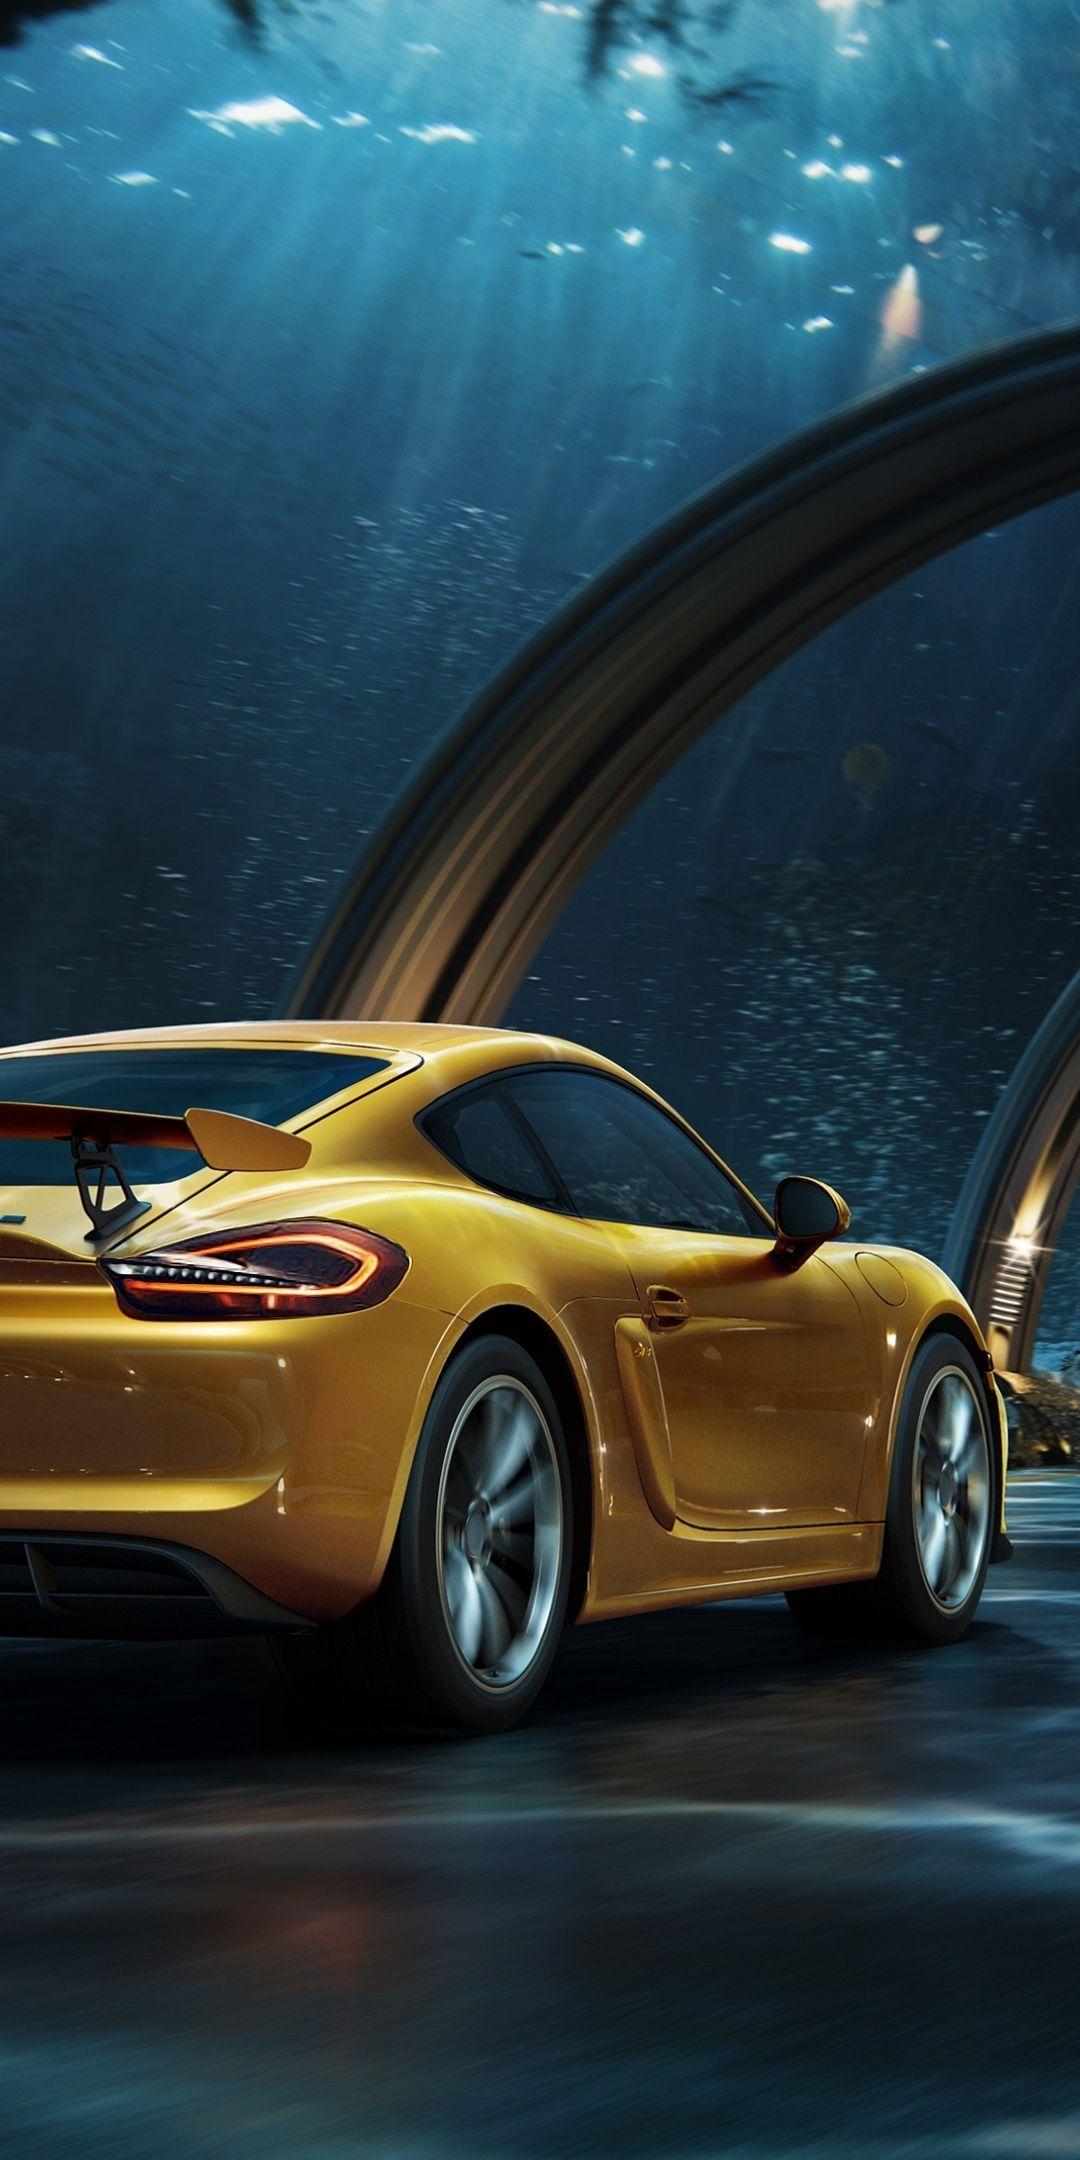 Porsche Yellow Digital Photography Tunnel 1080x2160 Wallpaper Car Wallpapers Porsche Best Luxury Cars